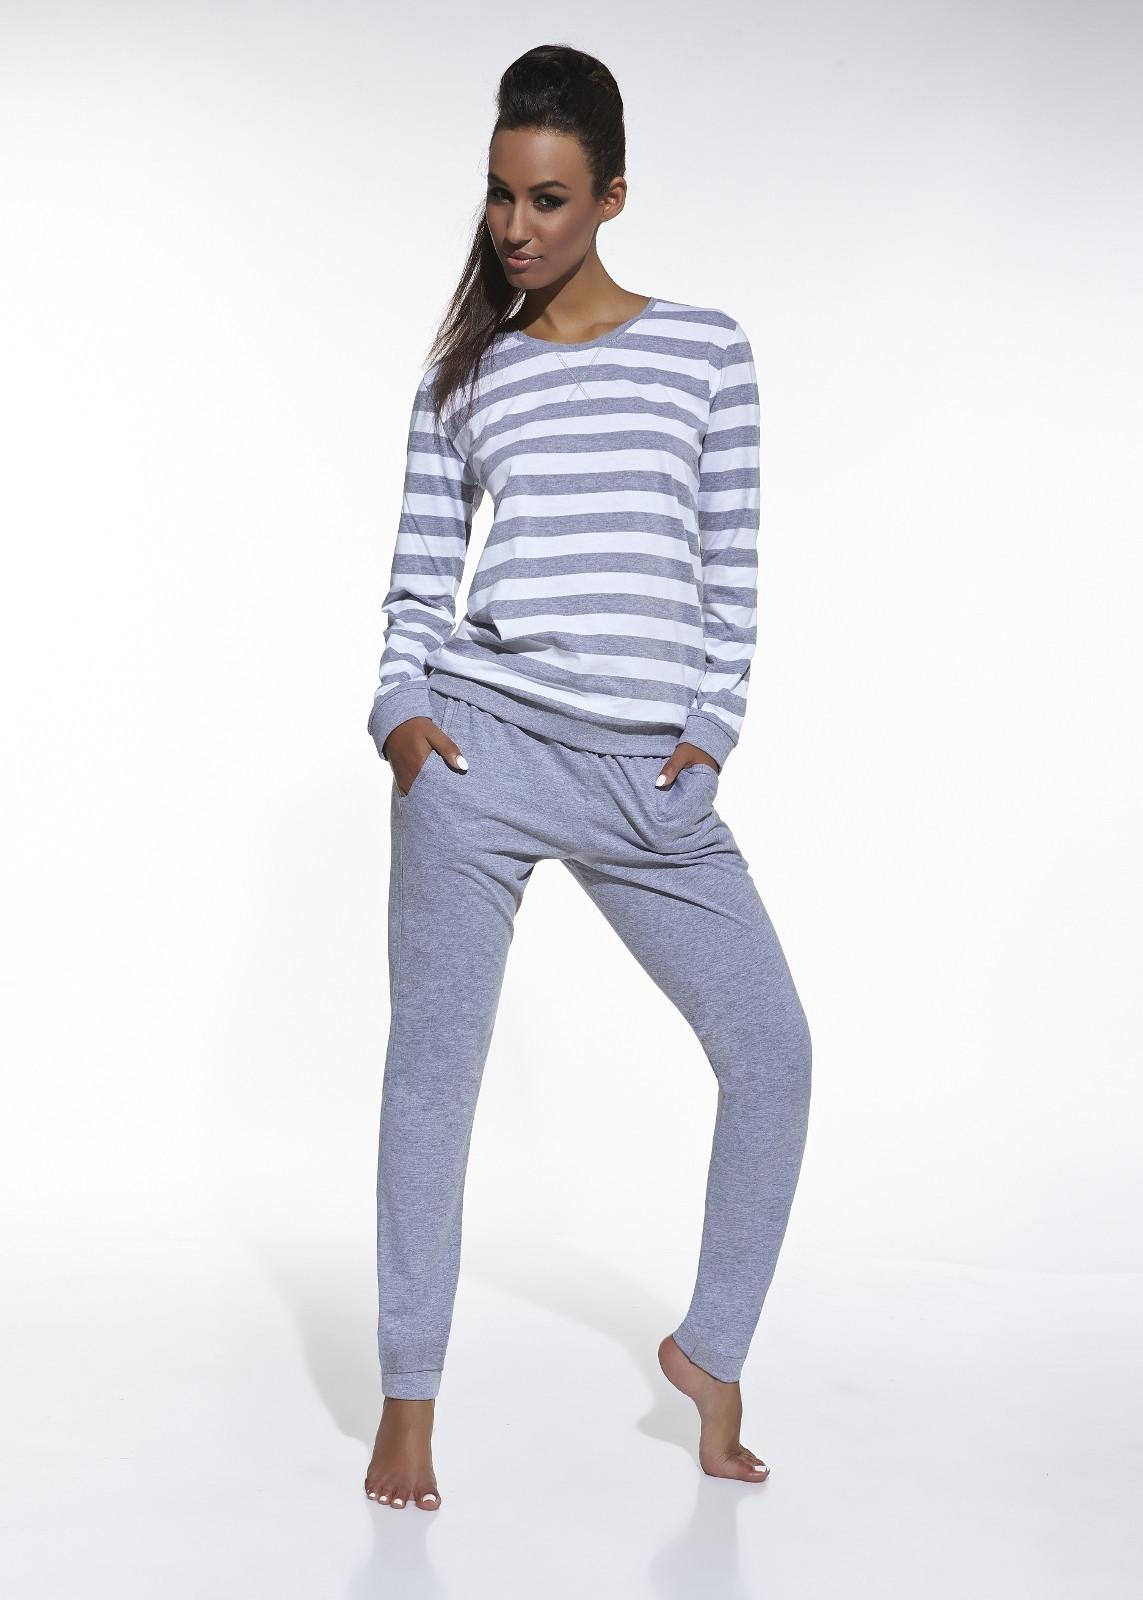 Dámske pyžamo Cornette 634/30 Molly dl / r biely S